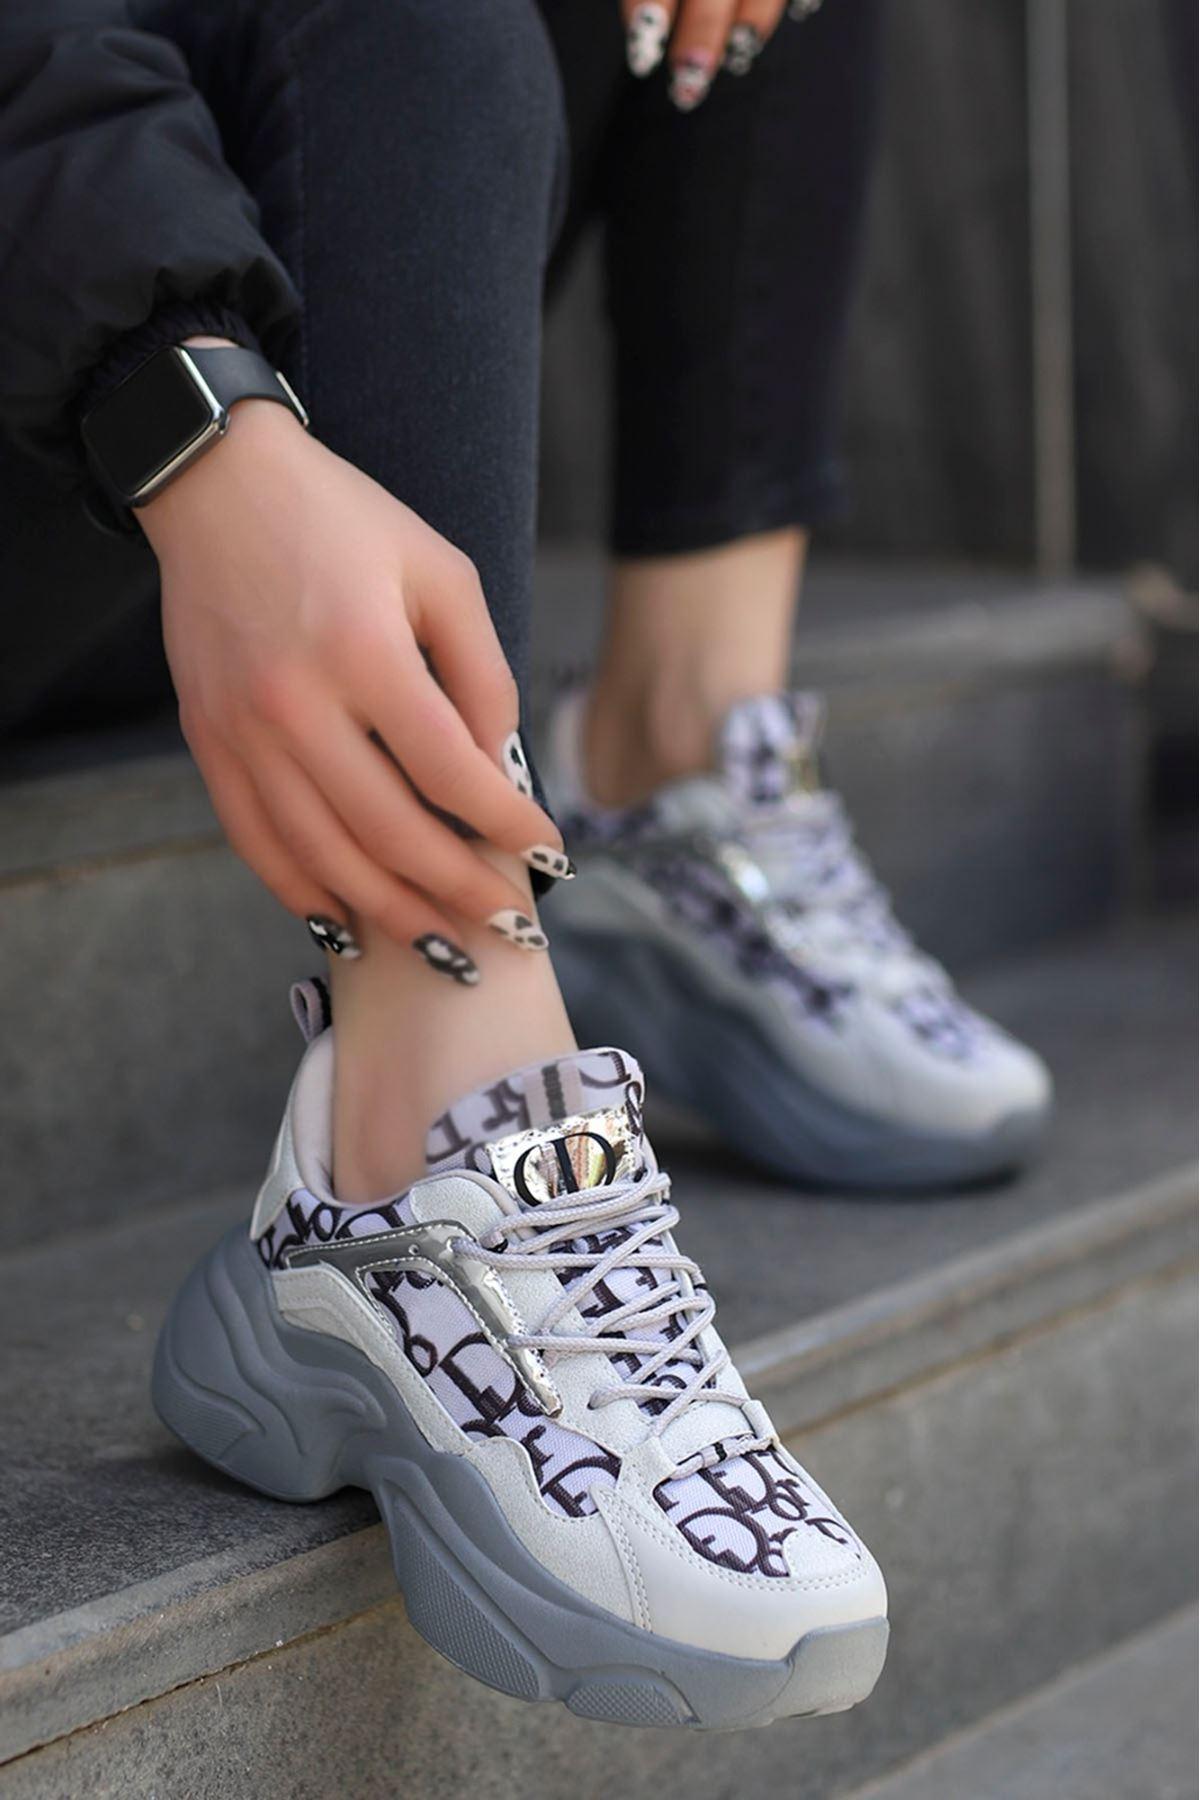 Sidney Tabanlı Spor Ayakkabı Gri Desenli